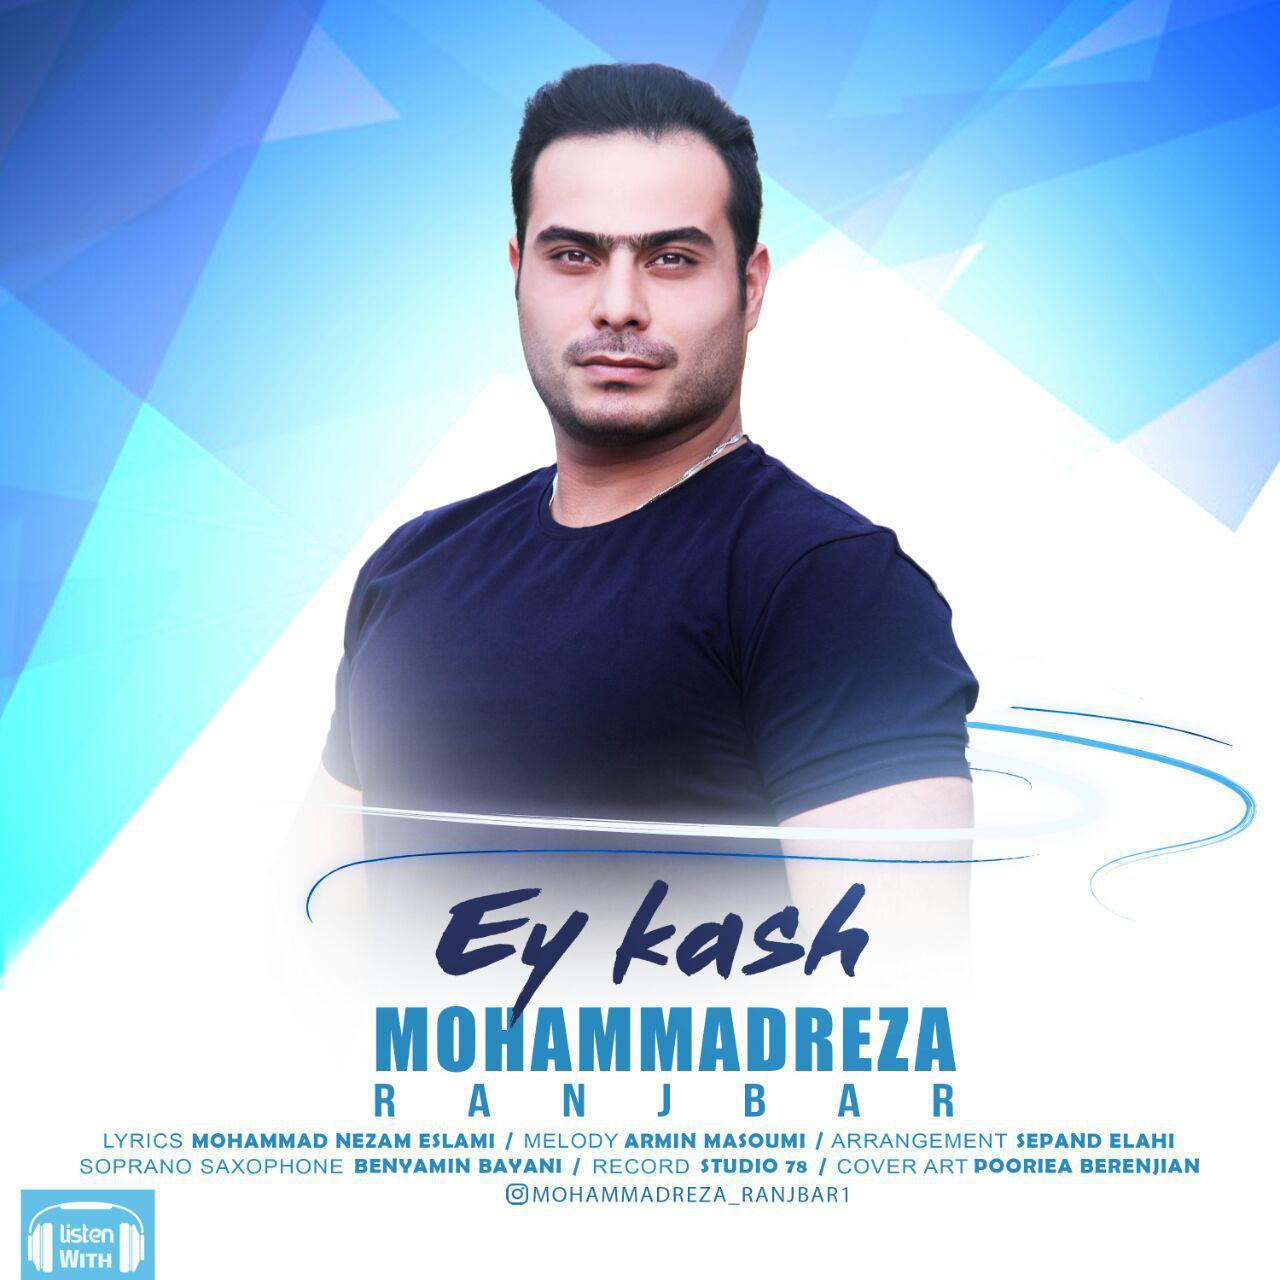 دانلود آهنگ جدید محمدرضا رنجبر بنام ای کاش